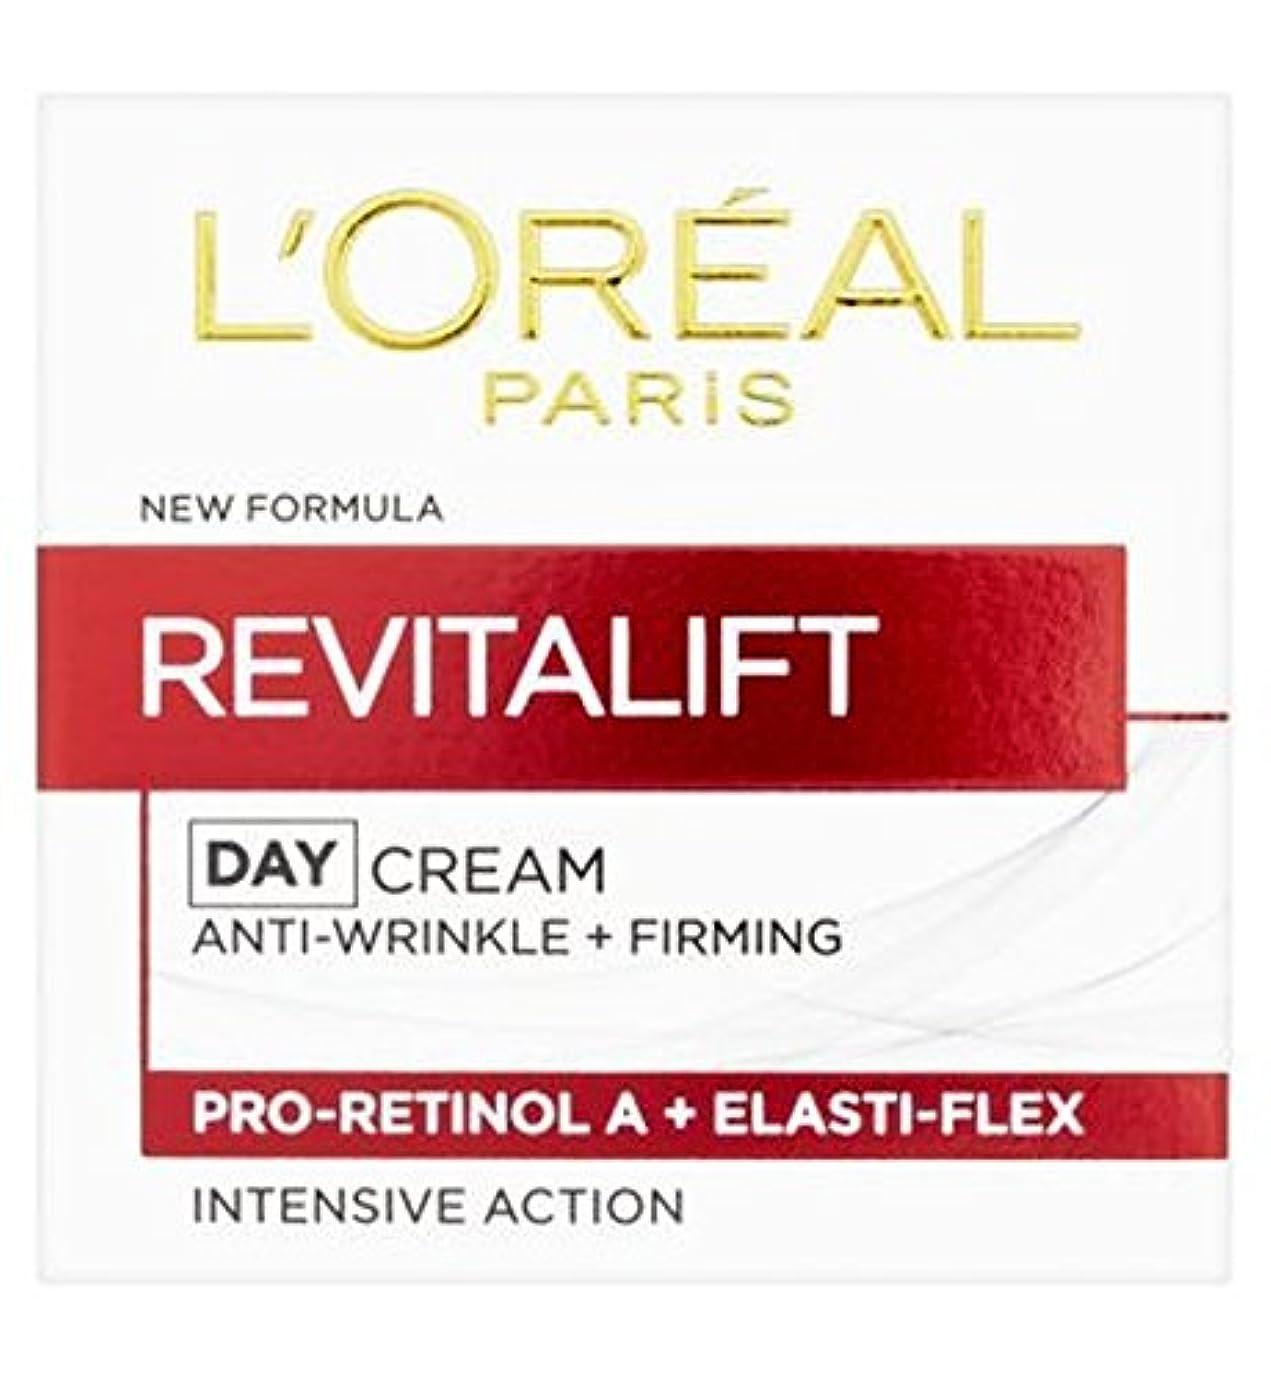 散髪グリーンバック先例L'Oreal Revitalift Anti Wrinkle and Firming Day Cream 50ml - ロレアルのRevitalift抗シワやファーミングデイクリーム50ミリリットル (L'Oreal)...